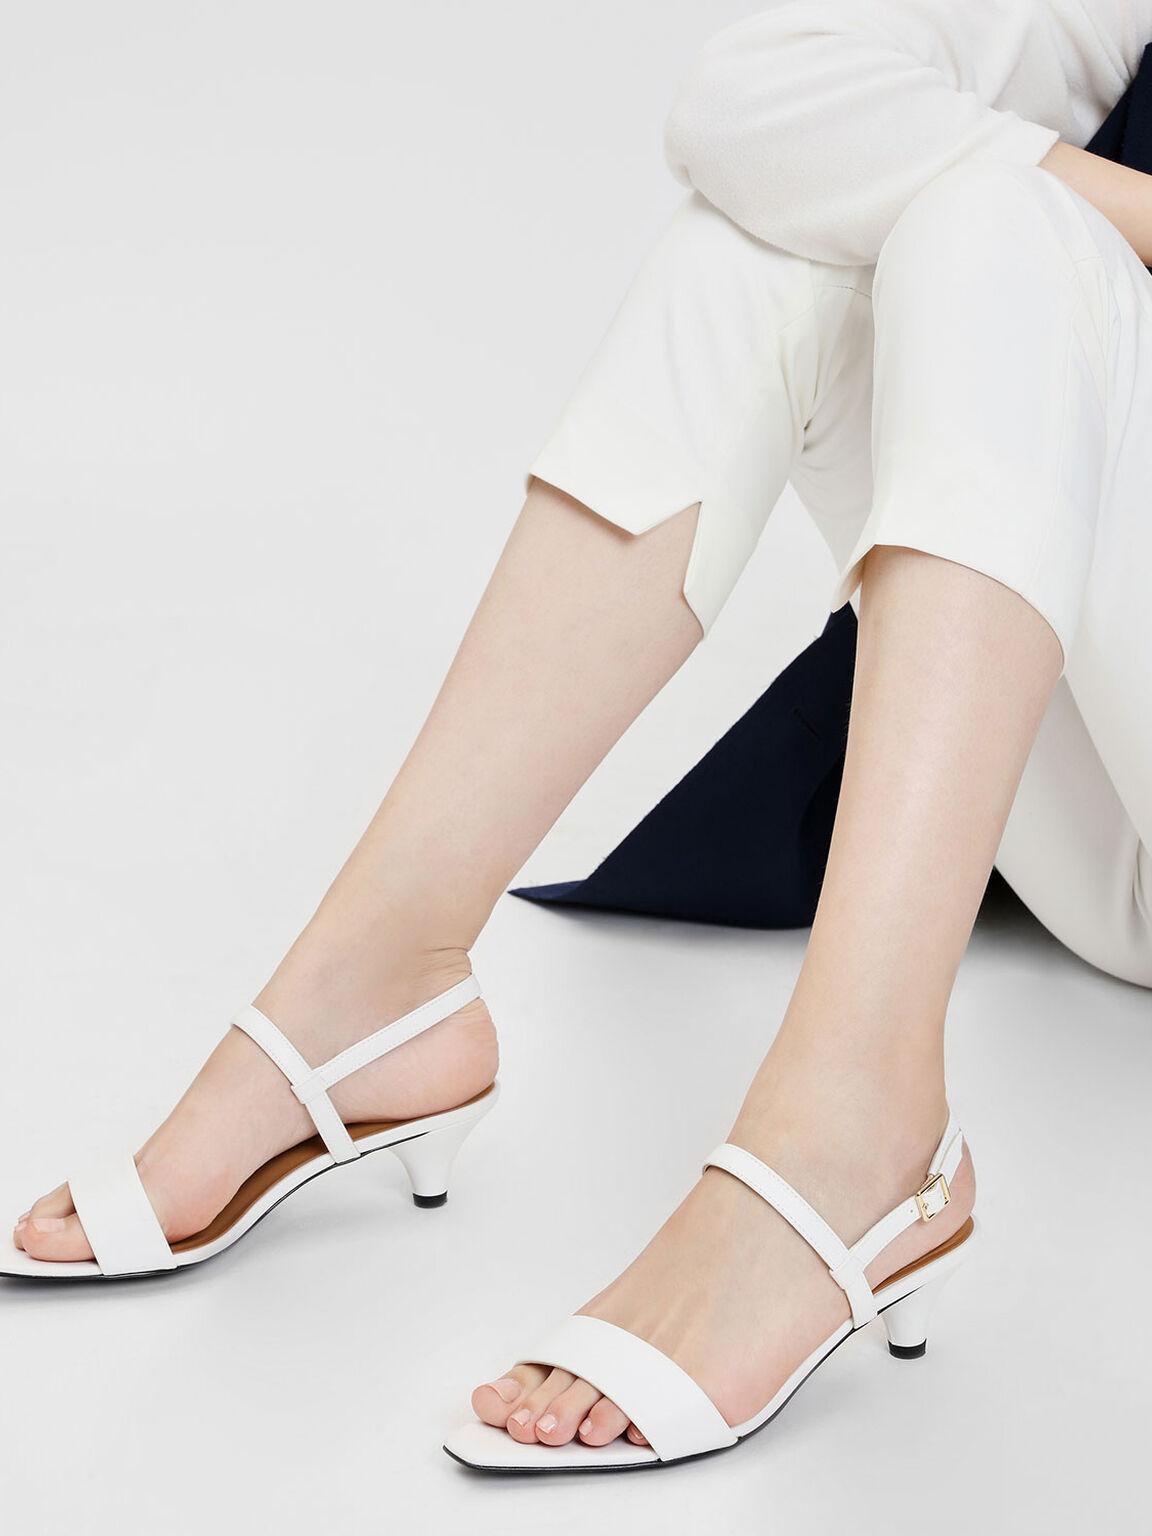 Mini Square Toe Heeled Sandals, White, hi-res